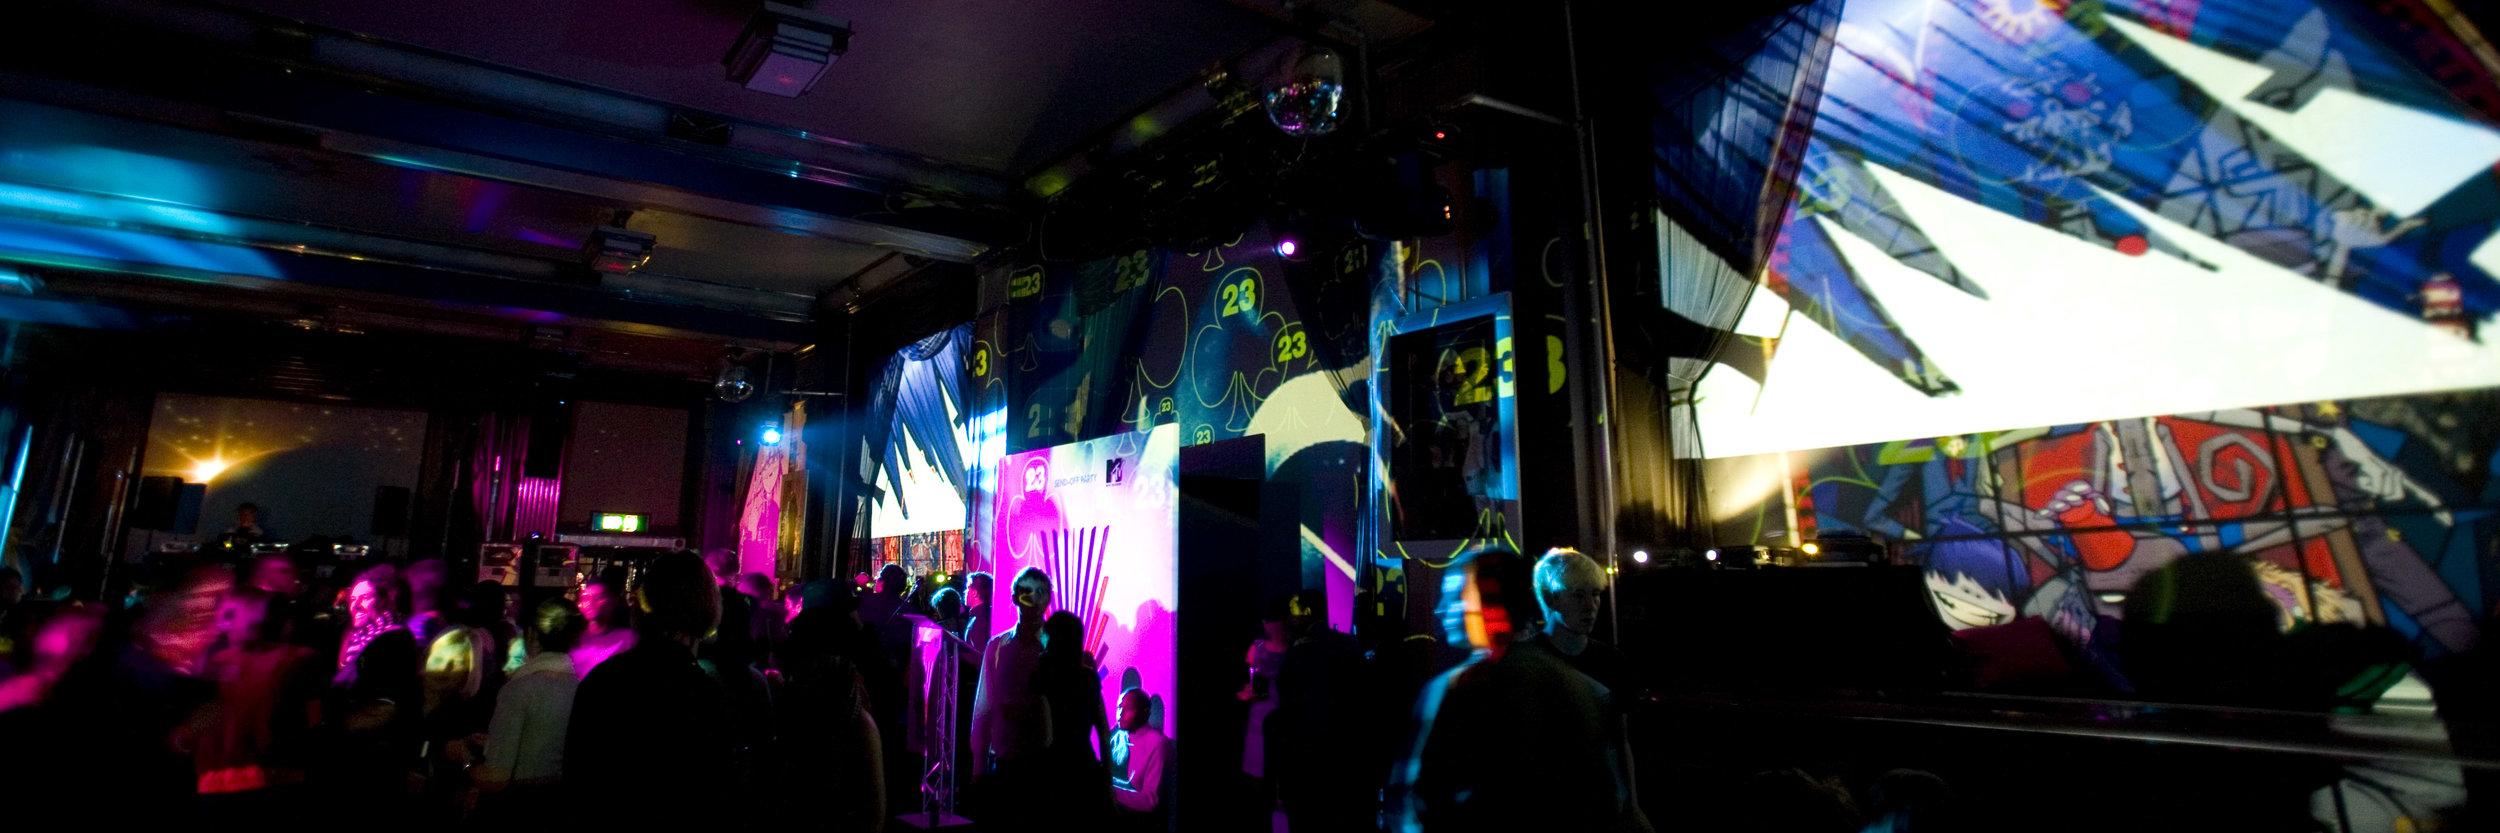 MTV_Bloomsbury_047.jpg